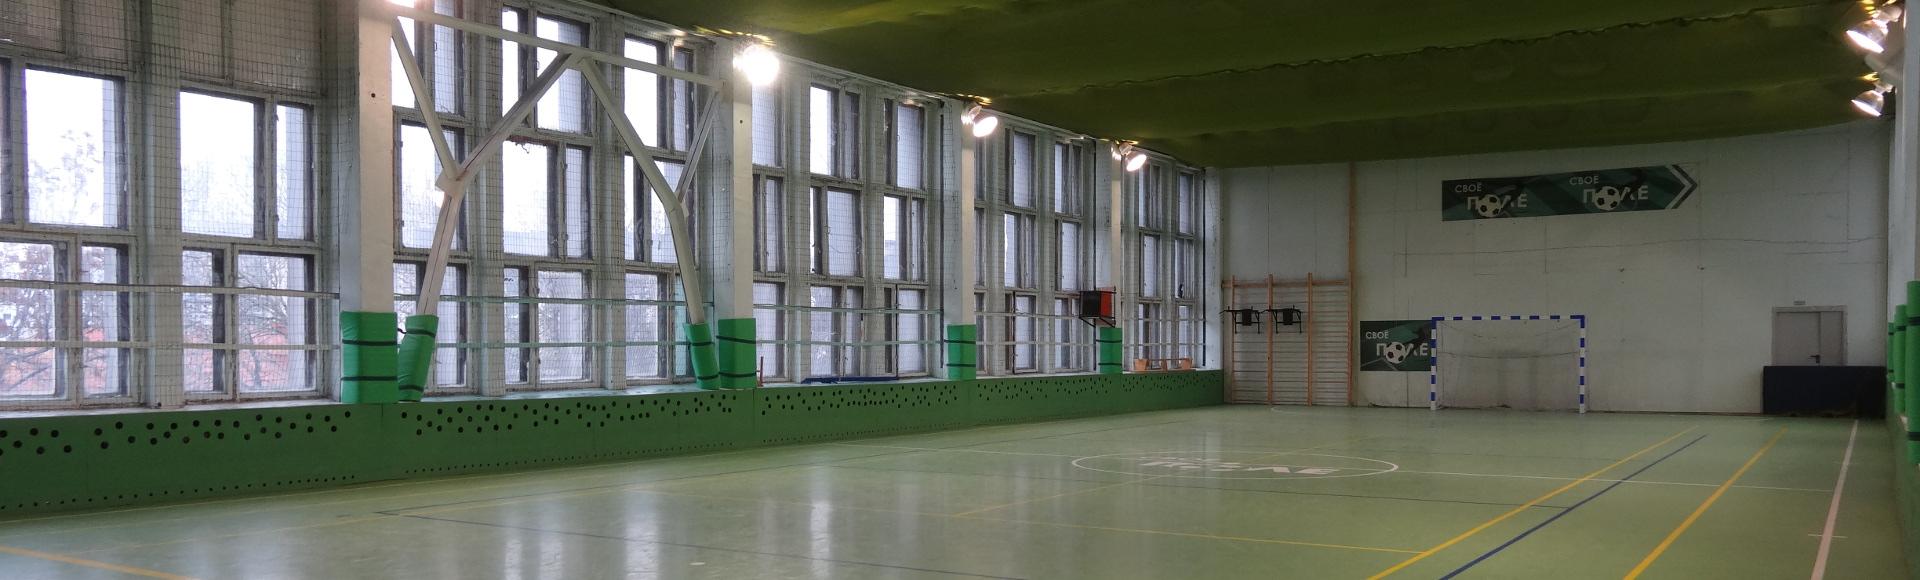 Просторный светлый зал